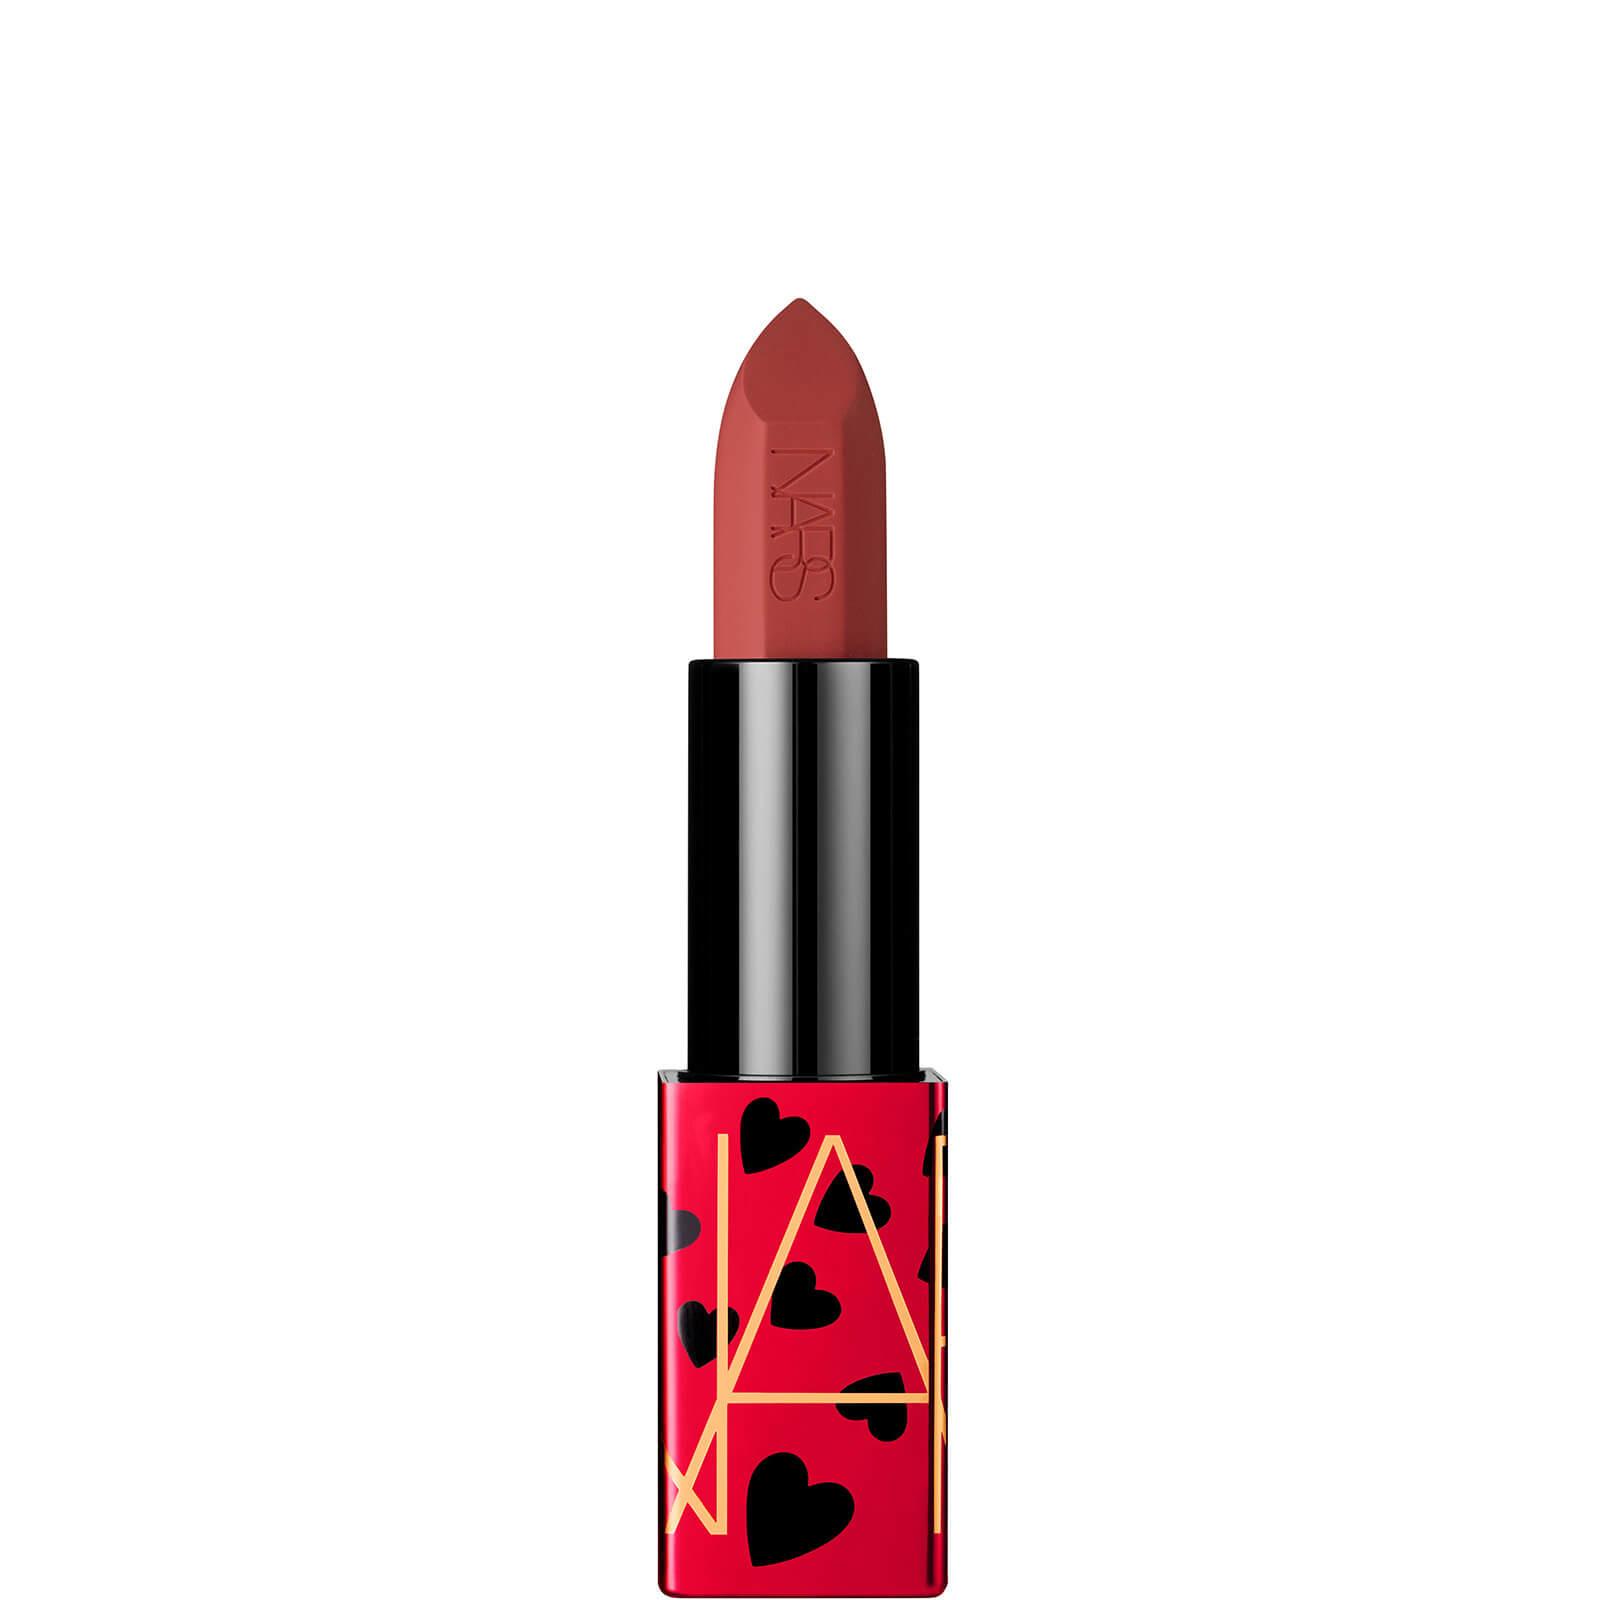 NARS Audacious Sheer Matte Lipstick 3.5g (Various Shades) - Bérénice